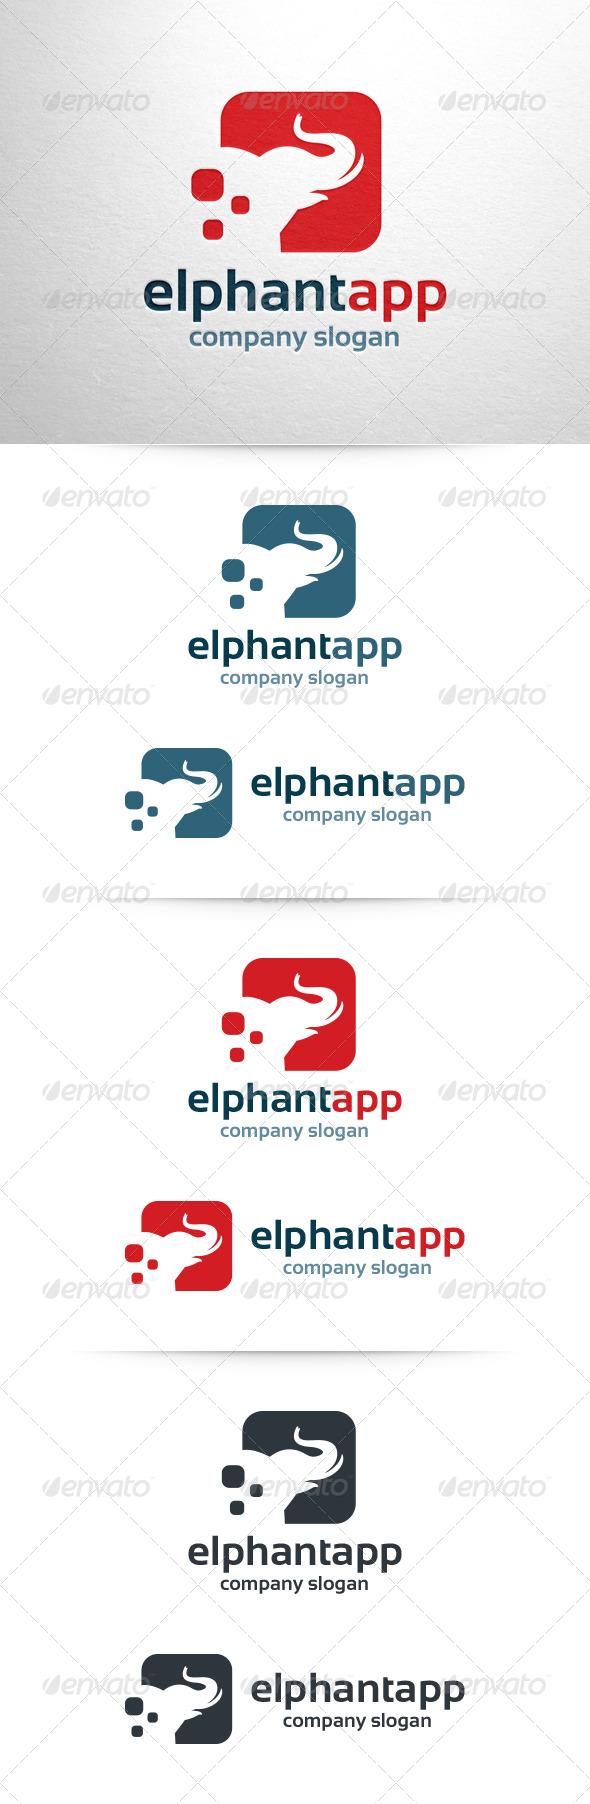 GraphicRiver Elephant App Logo Template 6584366